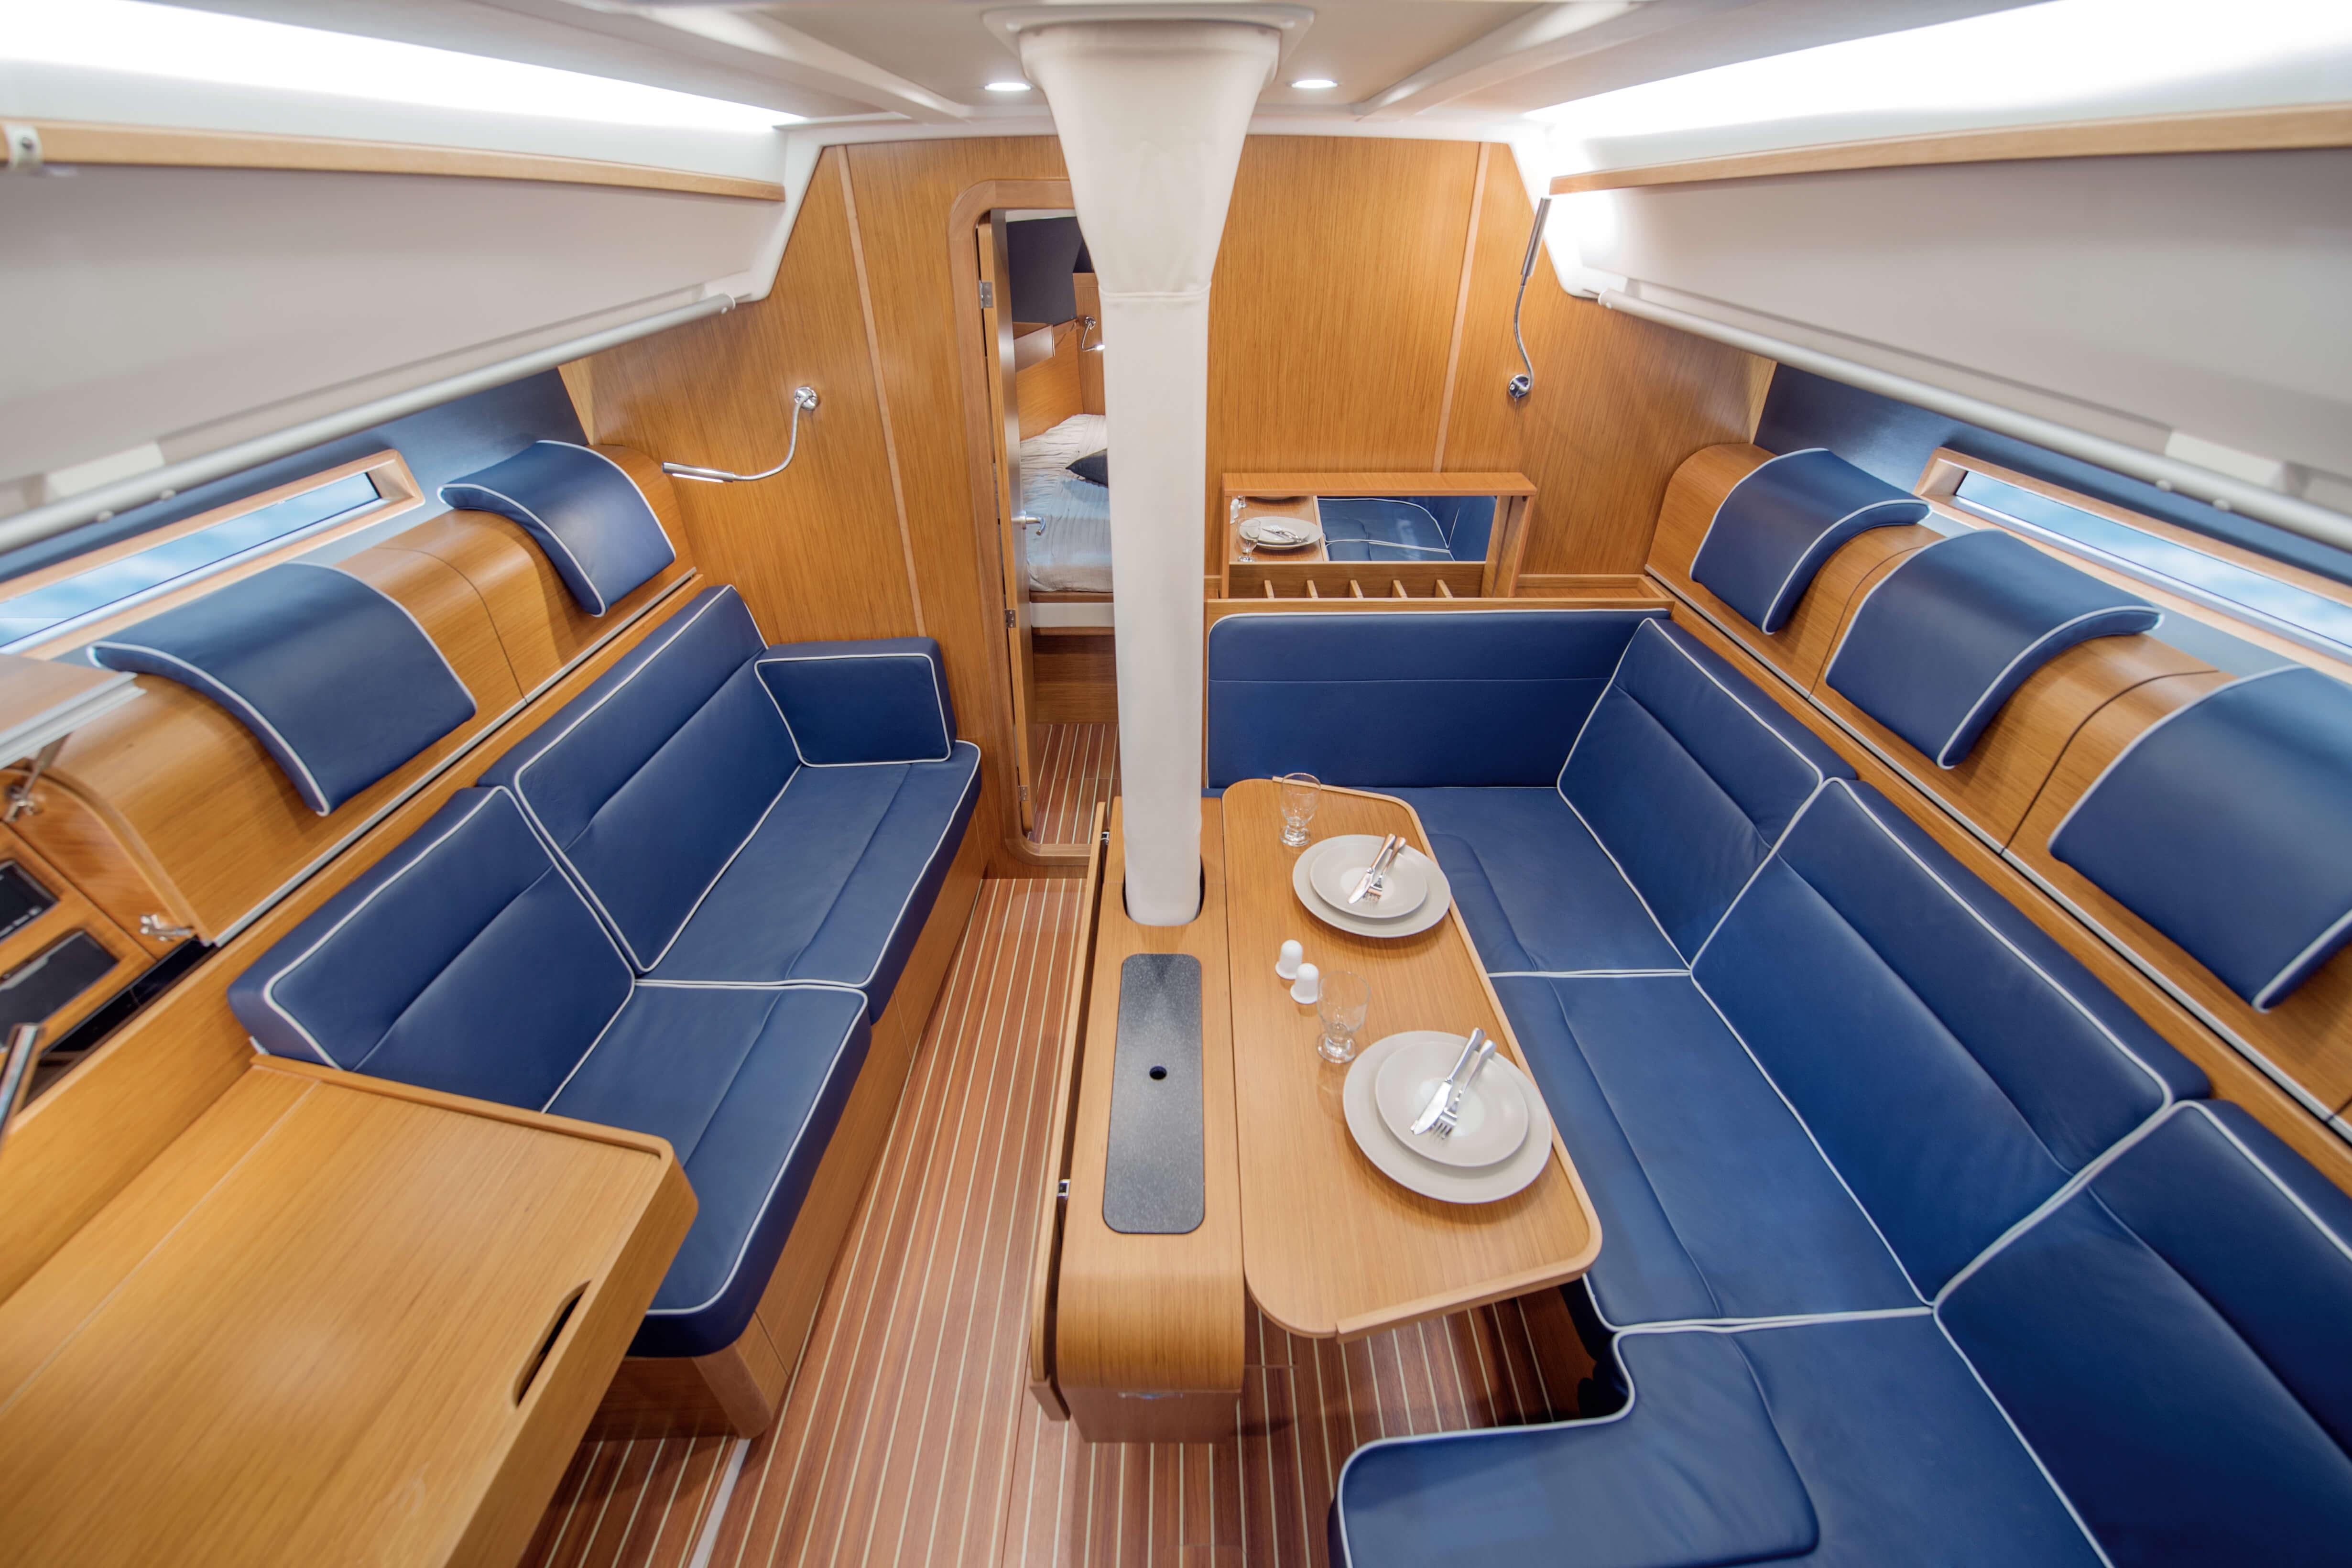 Dehler 42 Interno salone | B1 Layout: teak, zona di seduta, tavolo pieghevole, finestra, portello della coperta, portabottiglie | Dehler